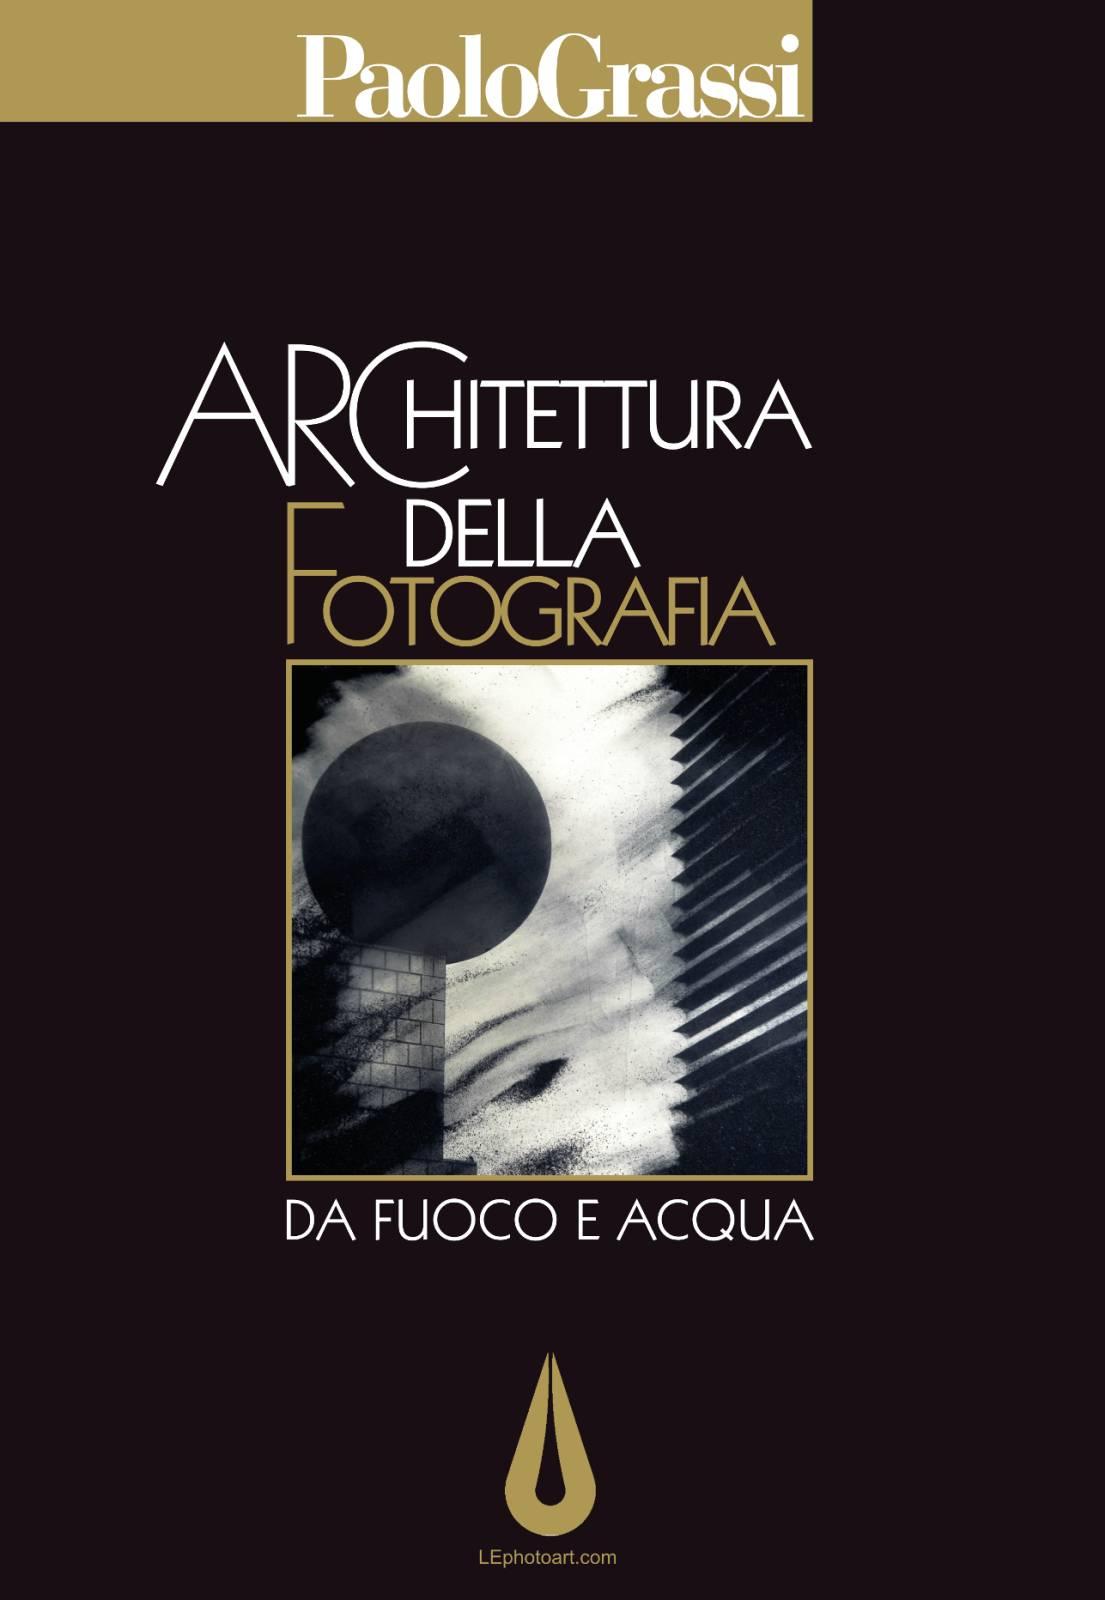 copertina architettura della fotografia